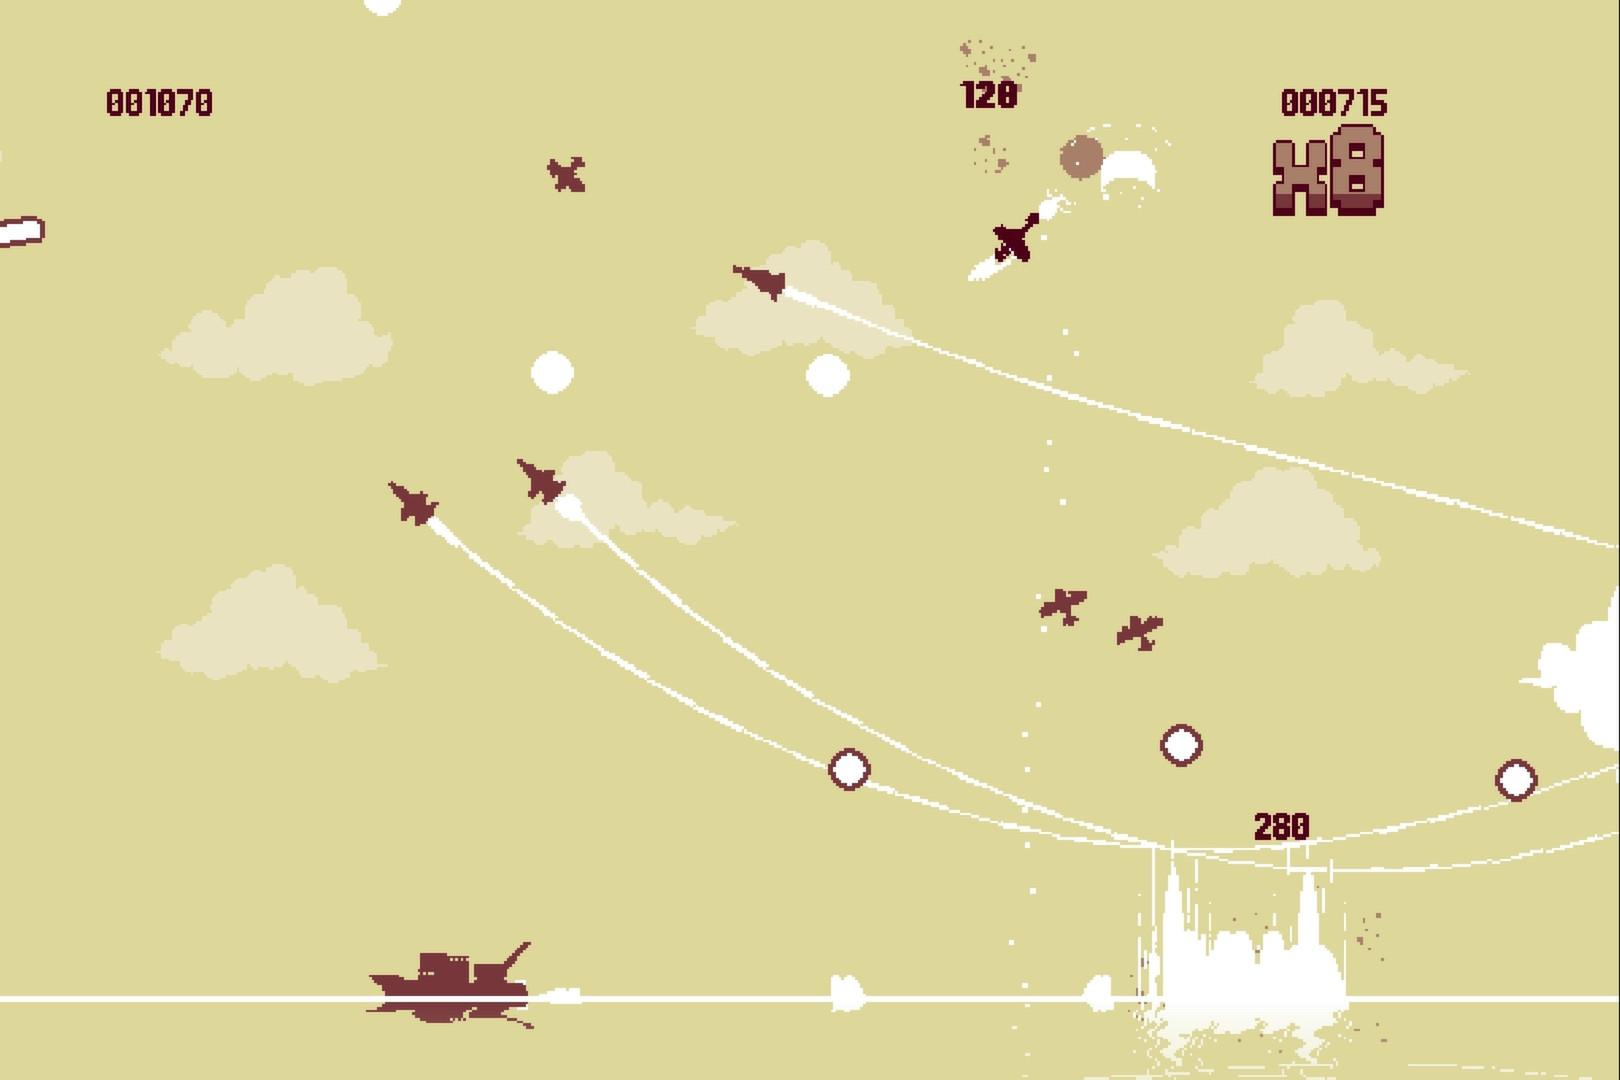 Luftrausers [GoG] [2014|Eng]